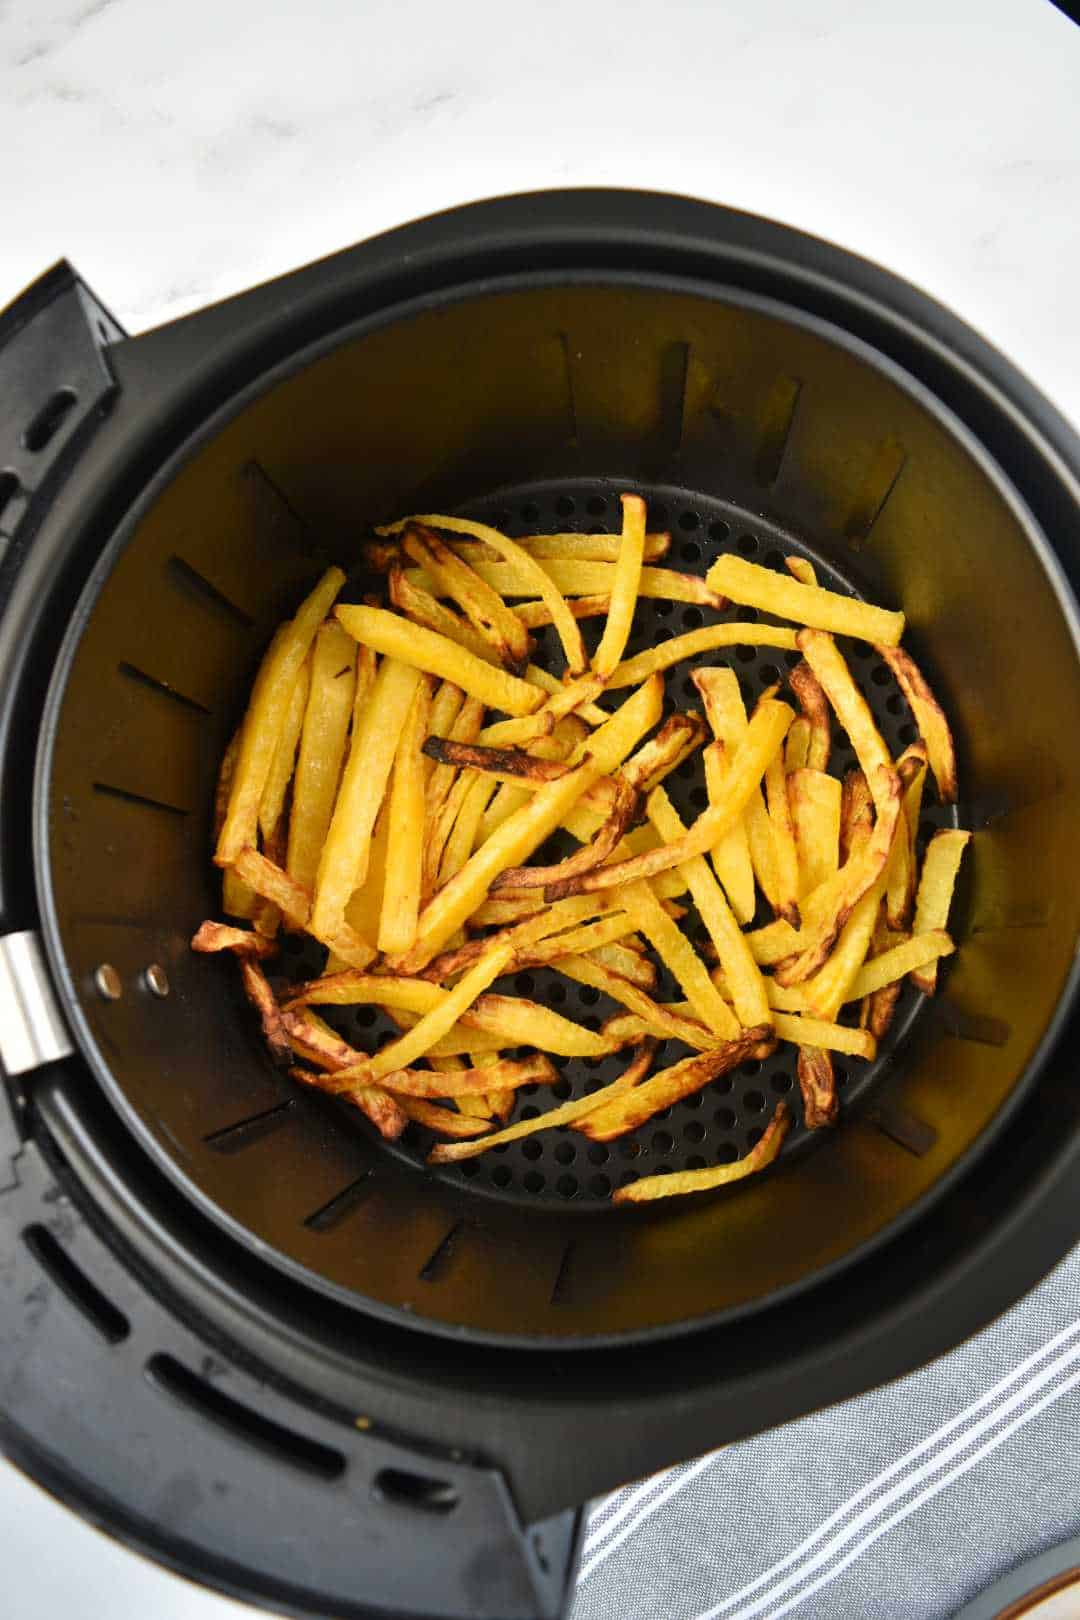 Rutabaga fries in an air fryer.